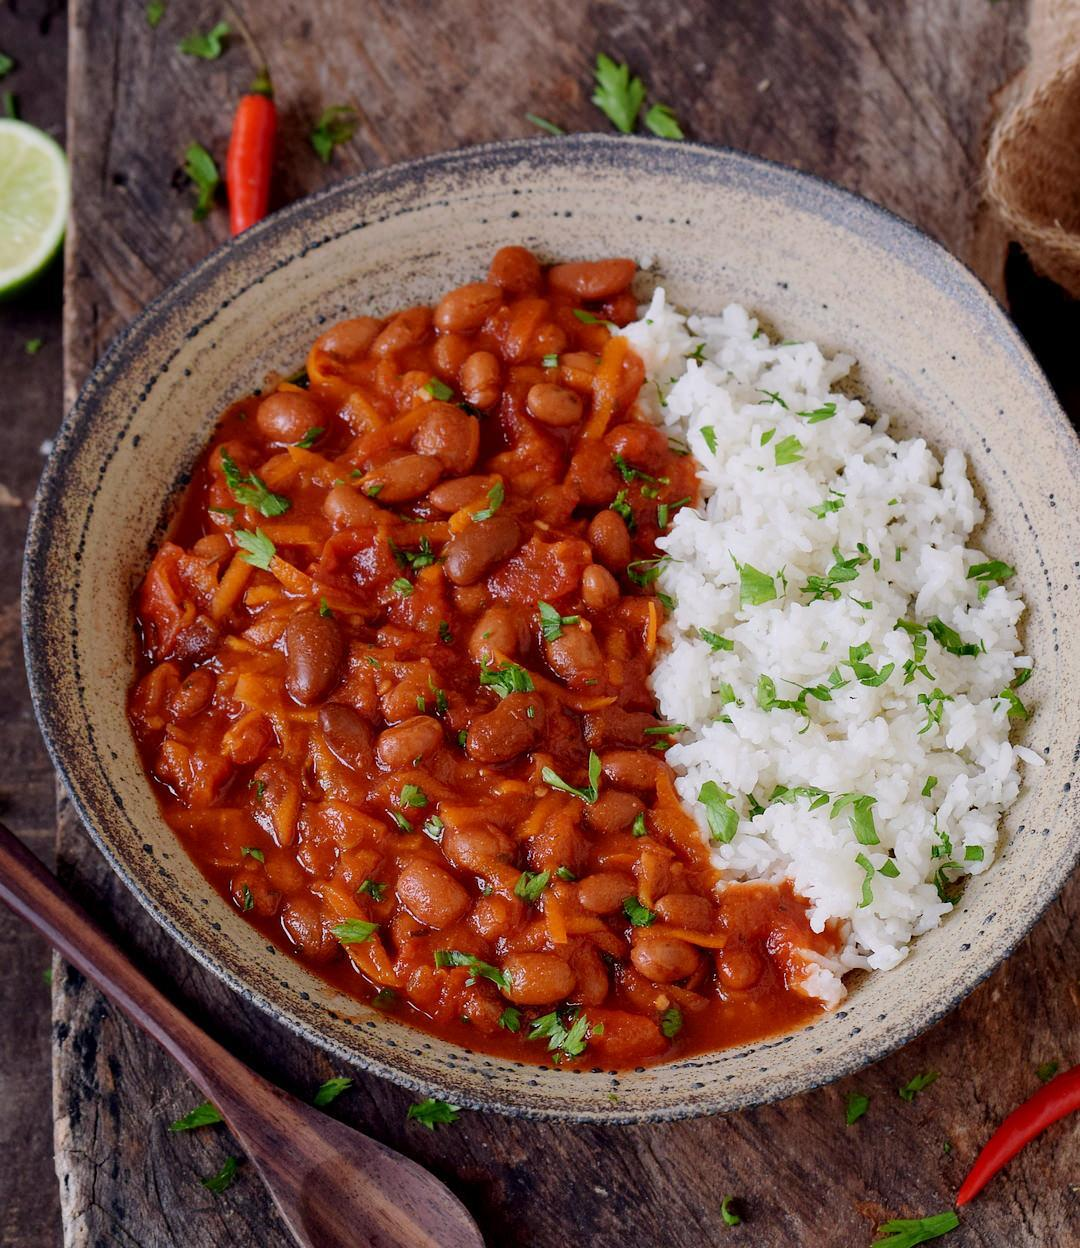 دستور پخت بسیار آسان خوراک لوبیا چیتی غلیظ و خوشمزه بدون قارچ و با قارچ